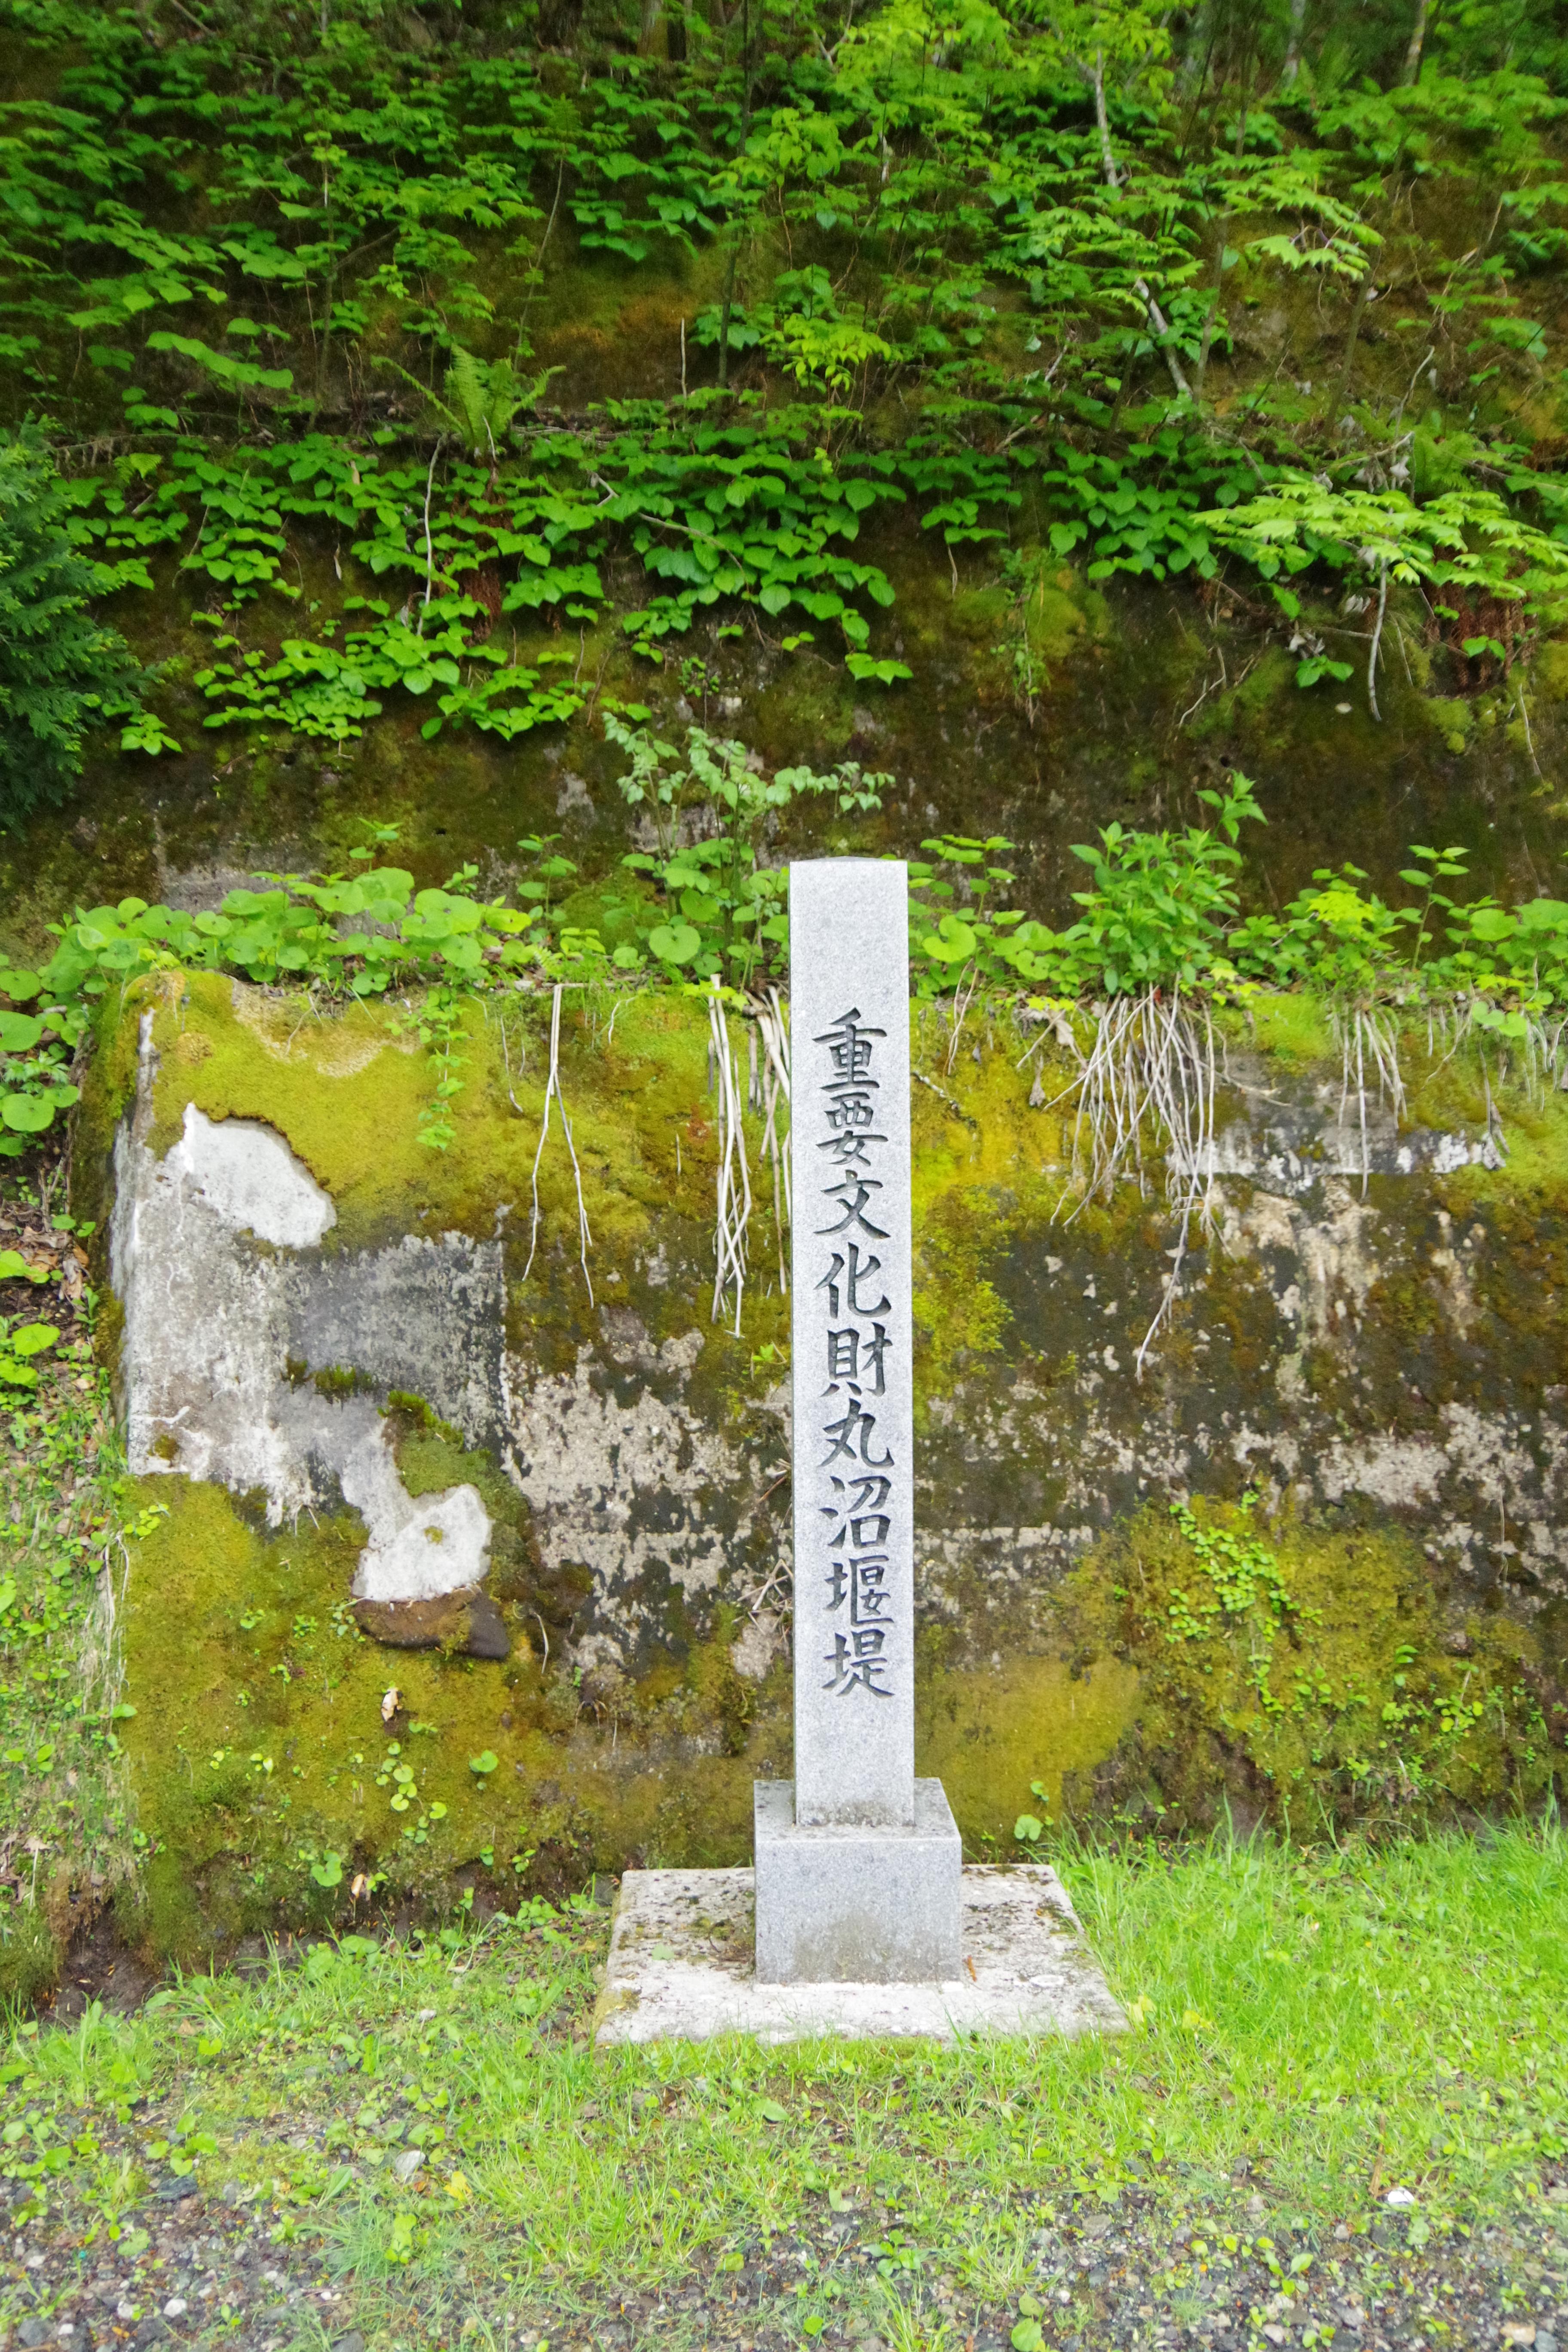 土木学会選奨土木遺産 石碑